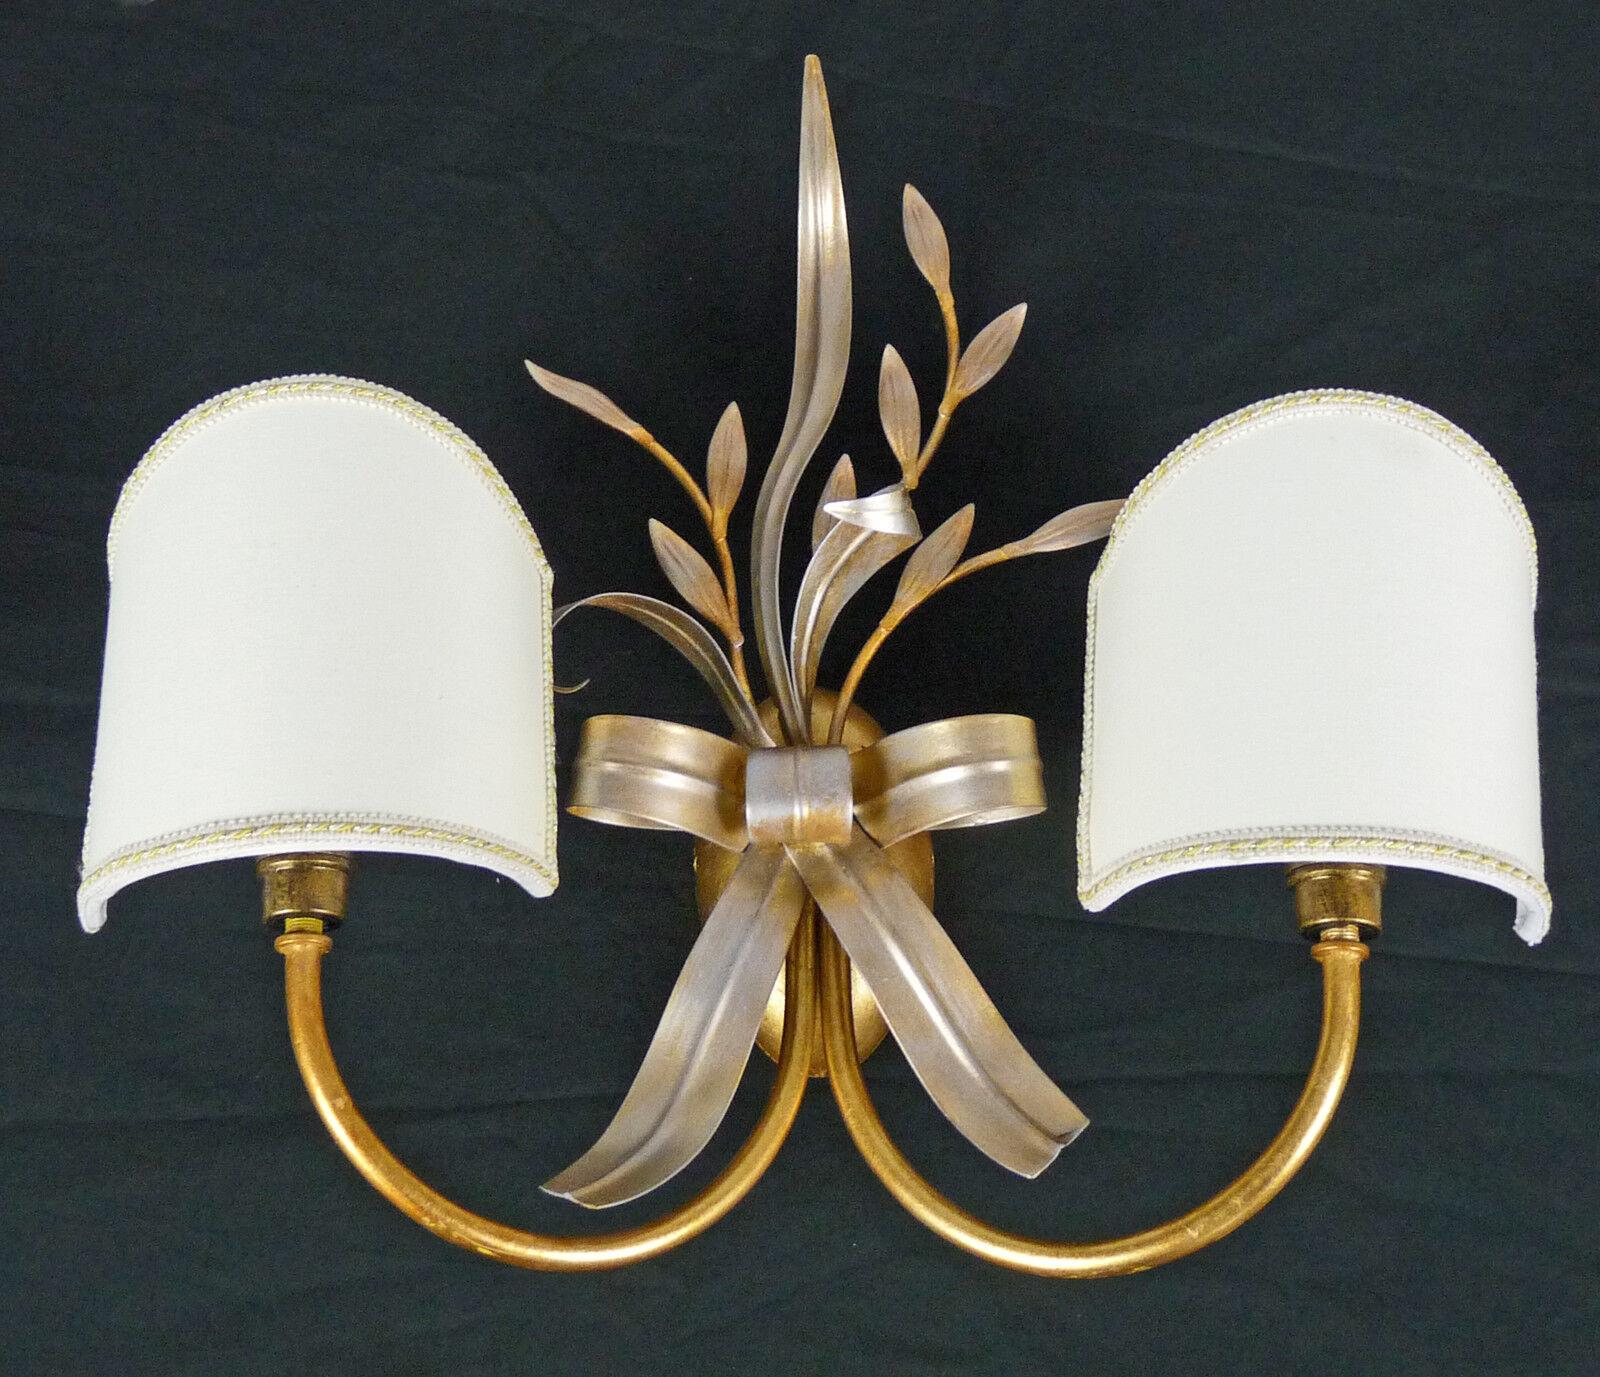 APPLIQUE LAMPADA DA ARGENTO PARETE FOGLIA ORO E ARGENTO DA PARALUME VENTOLINA ART.582 NUOVA 8bce18